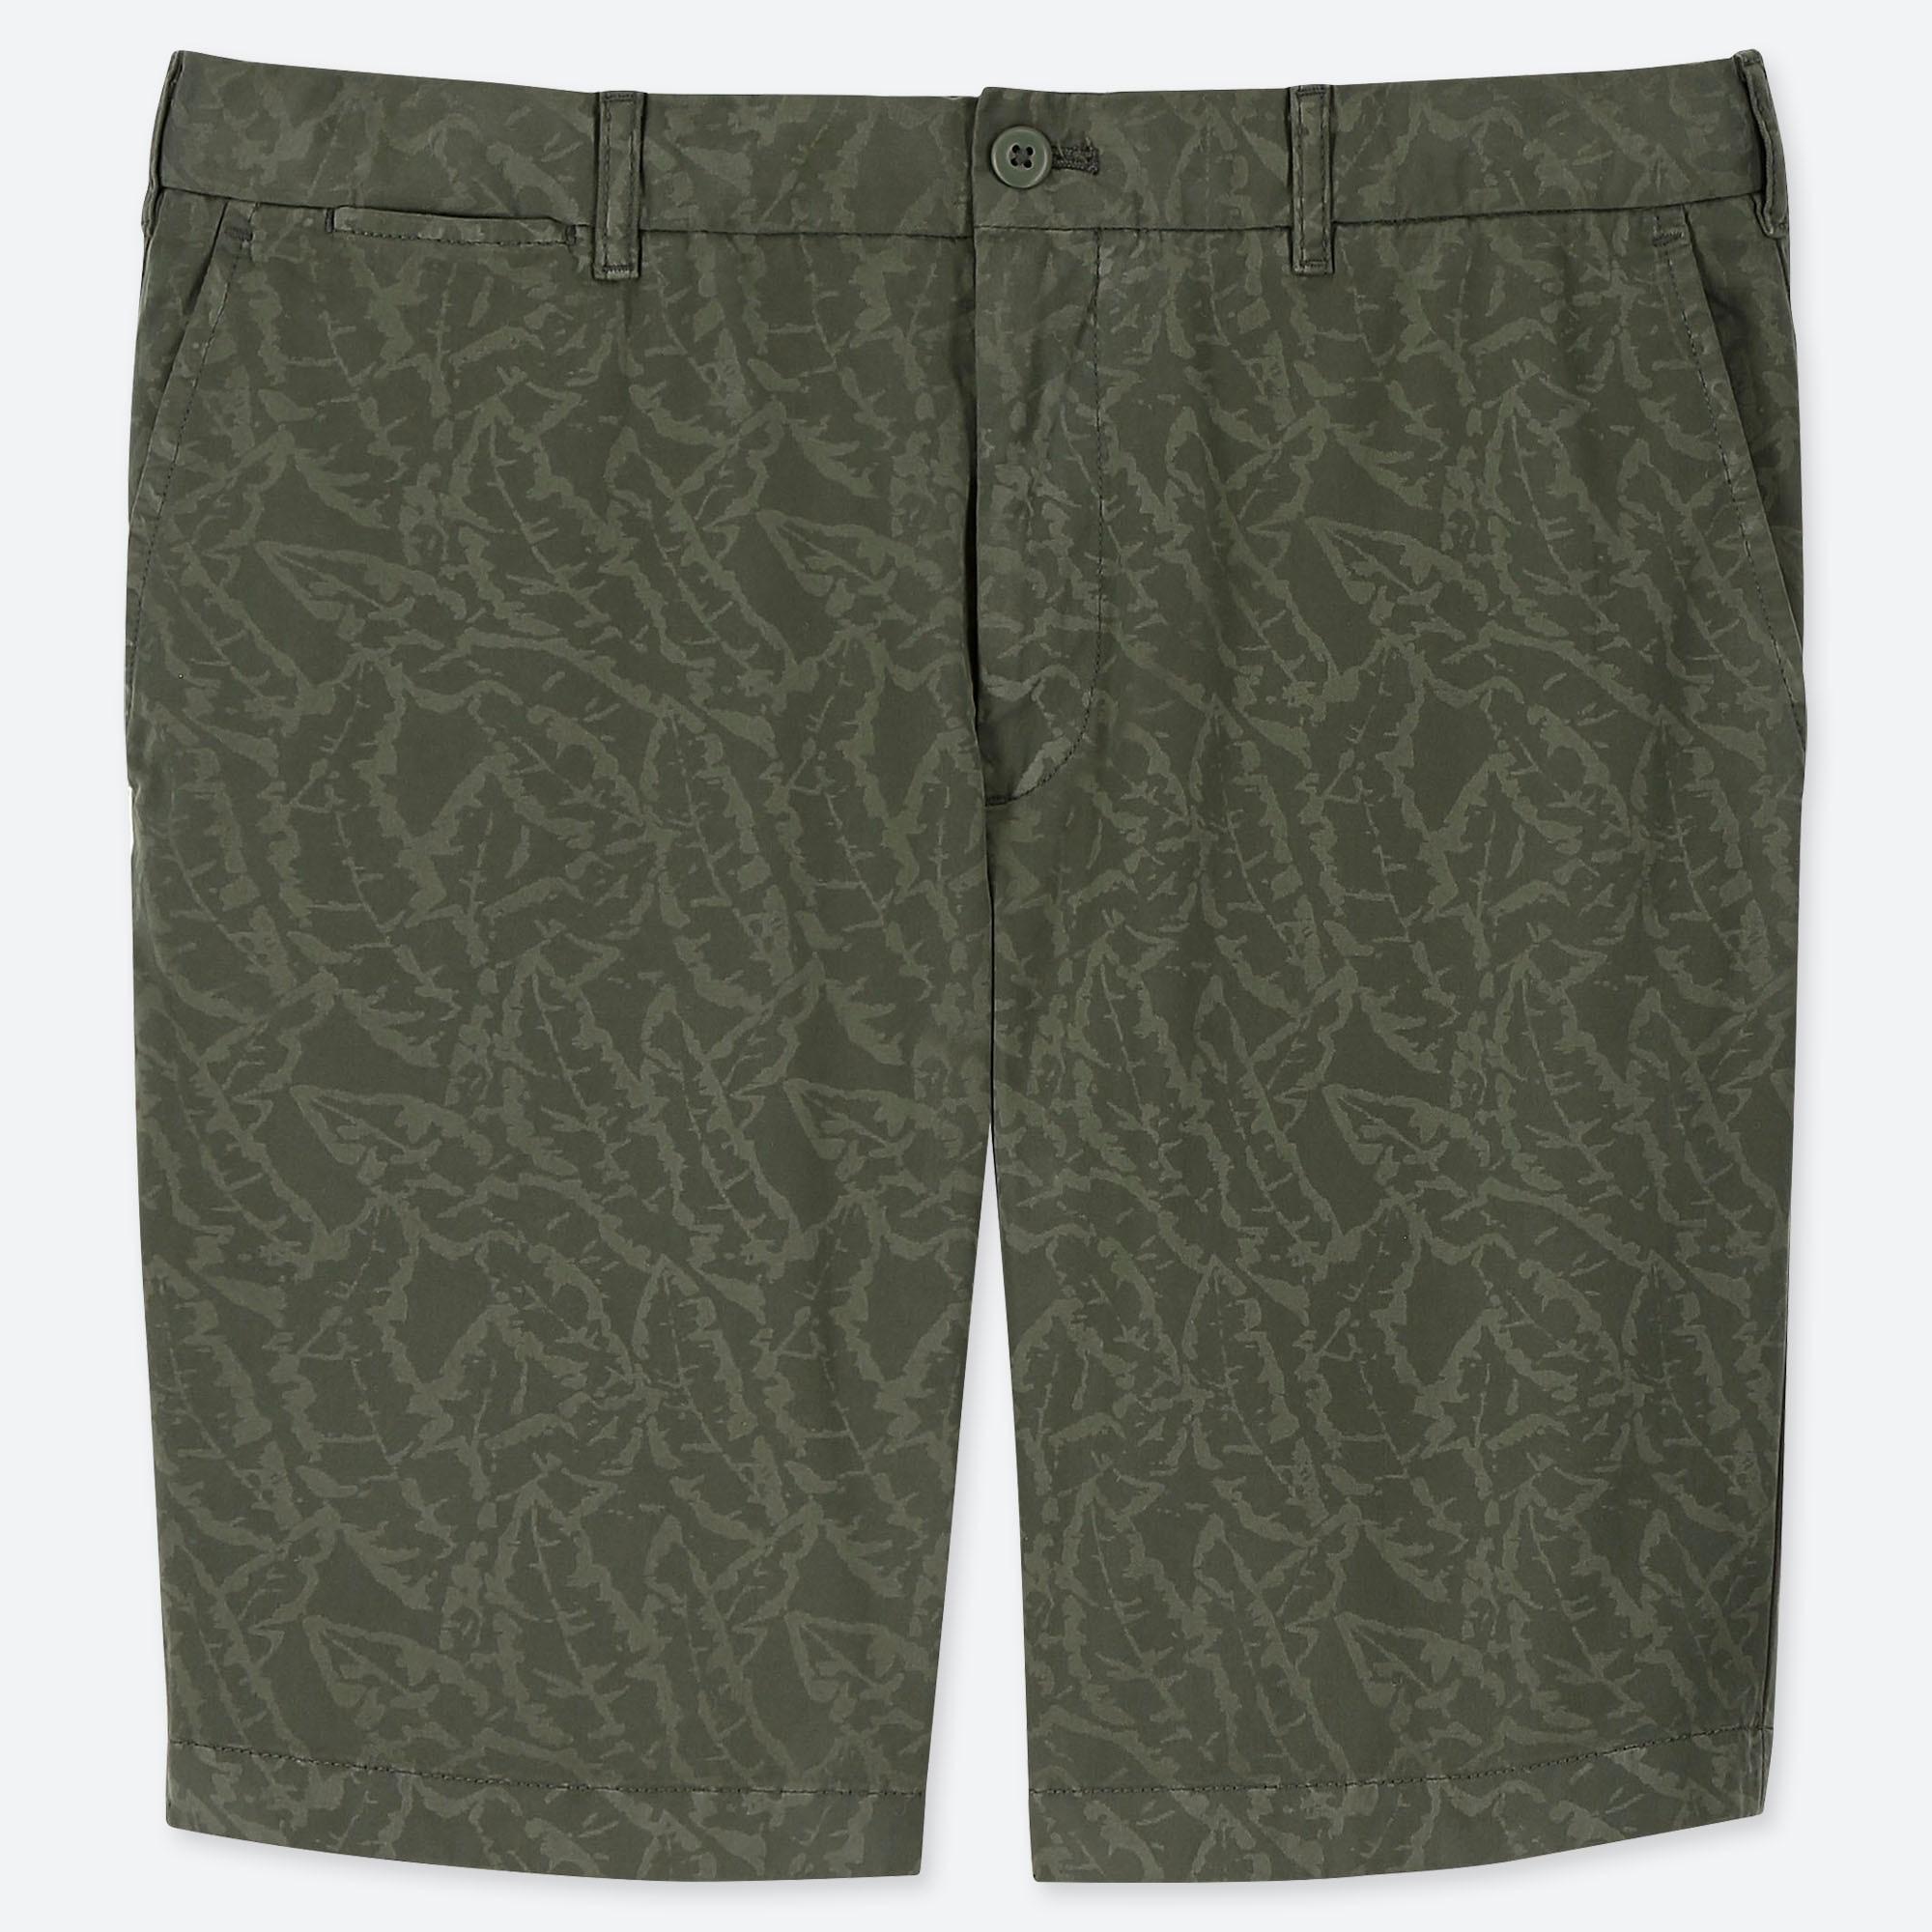 HommeChino Shorts Uniqlo Shorts Bain Bain De Uniqlo HommeChino De TKclF1J